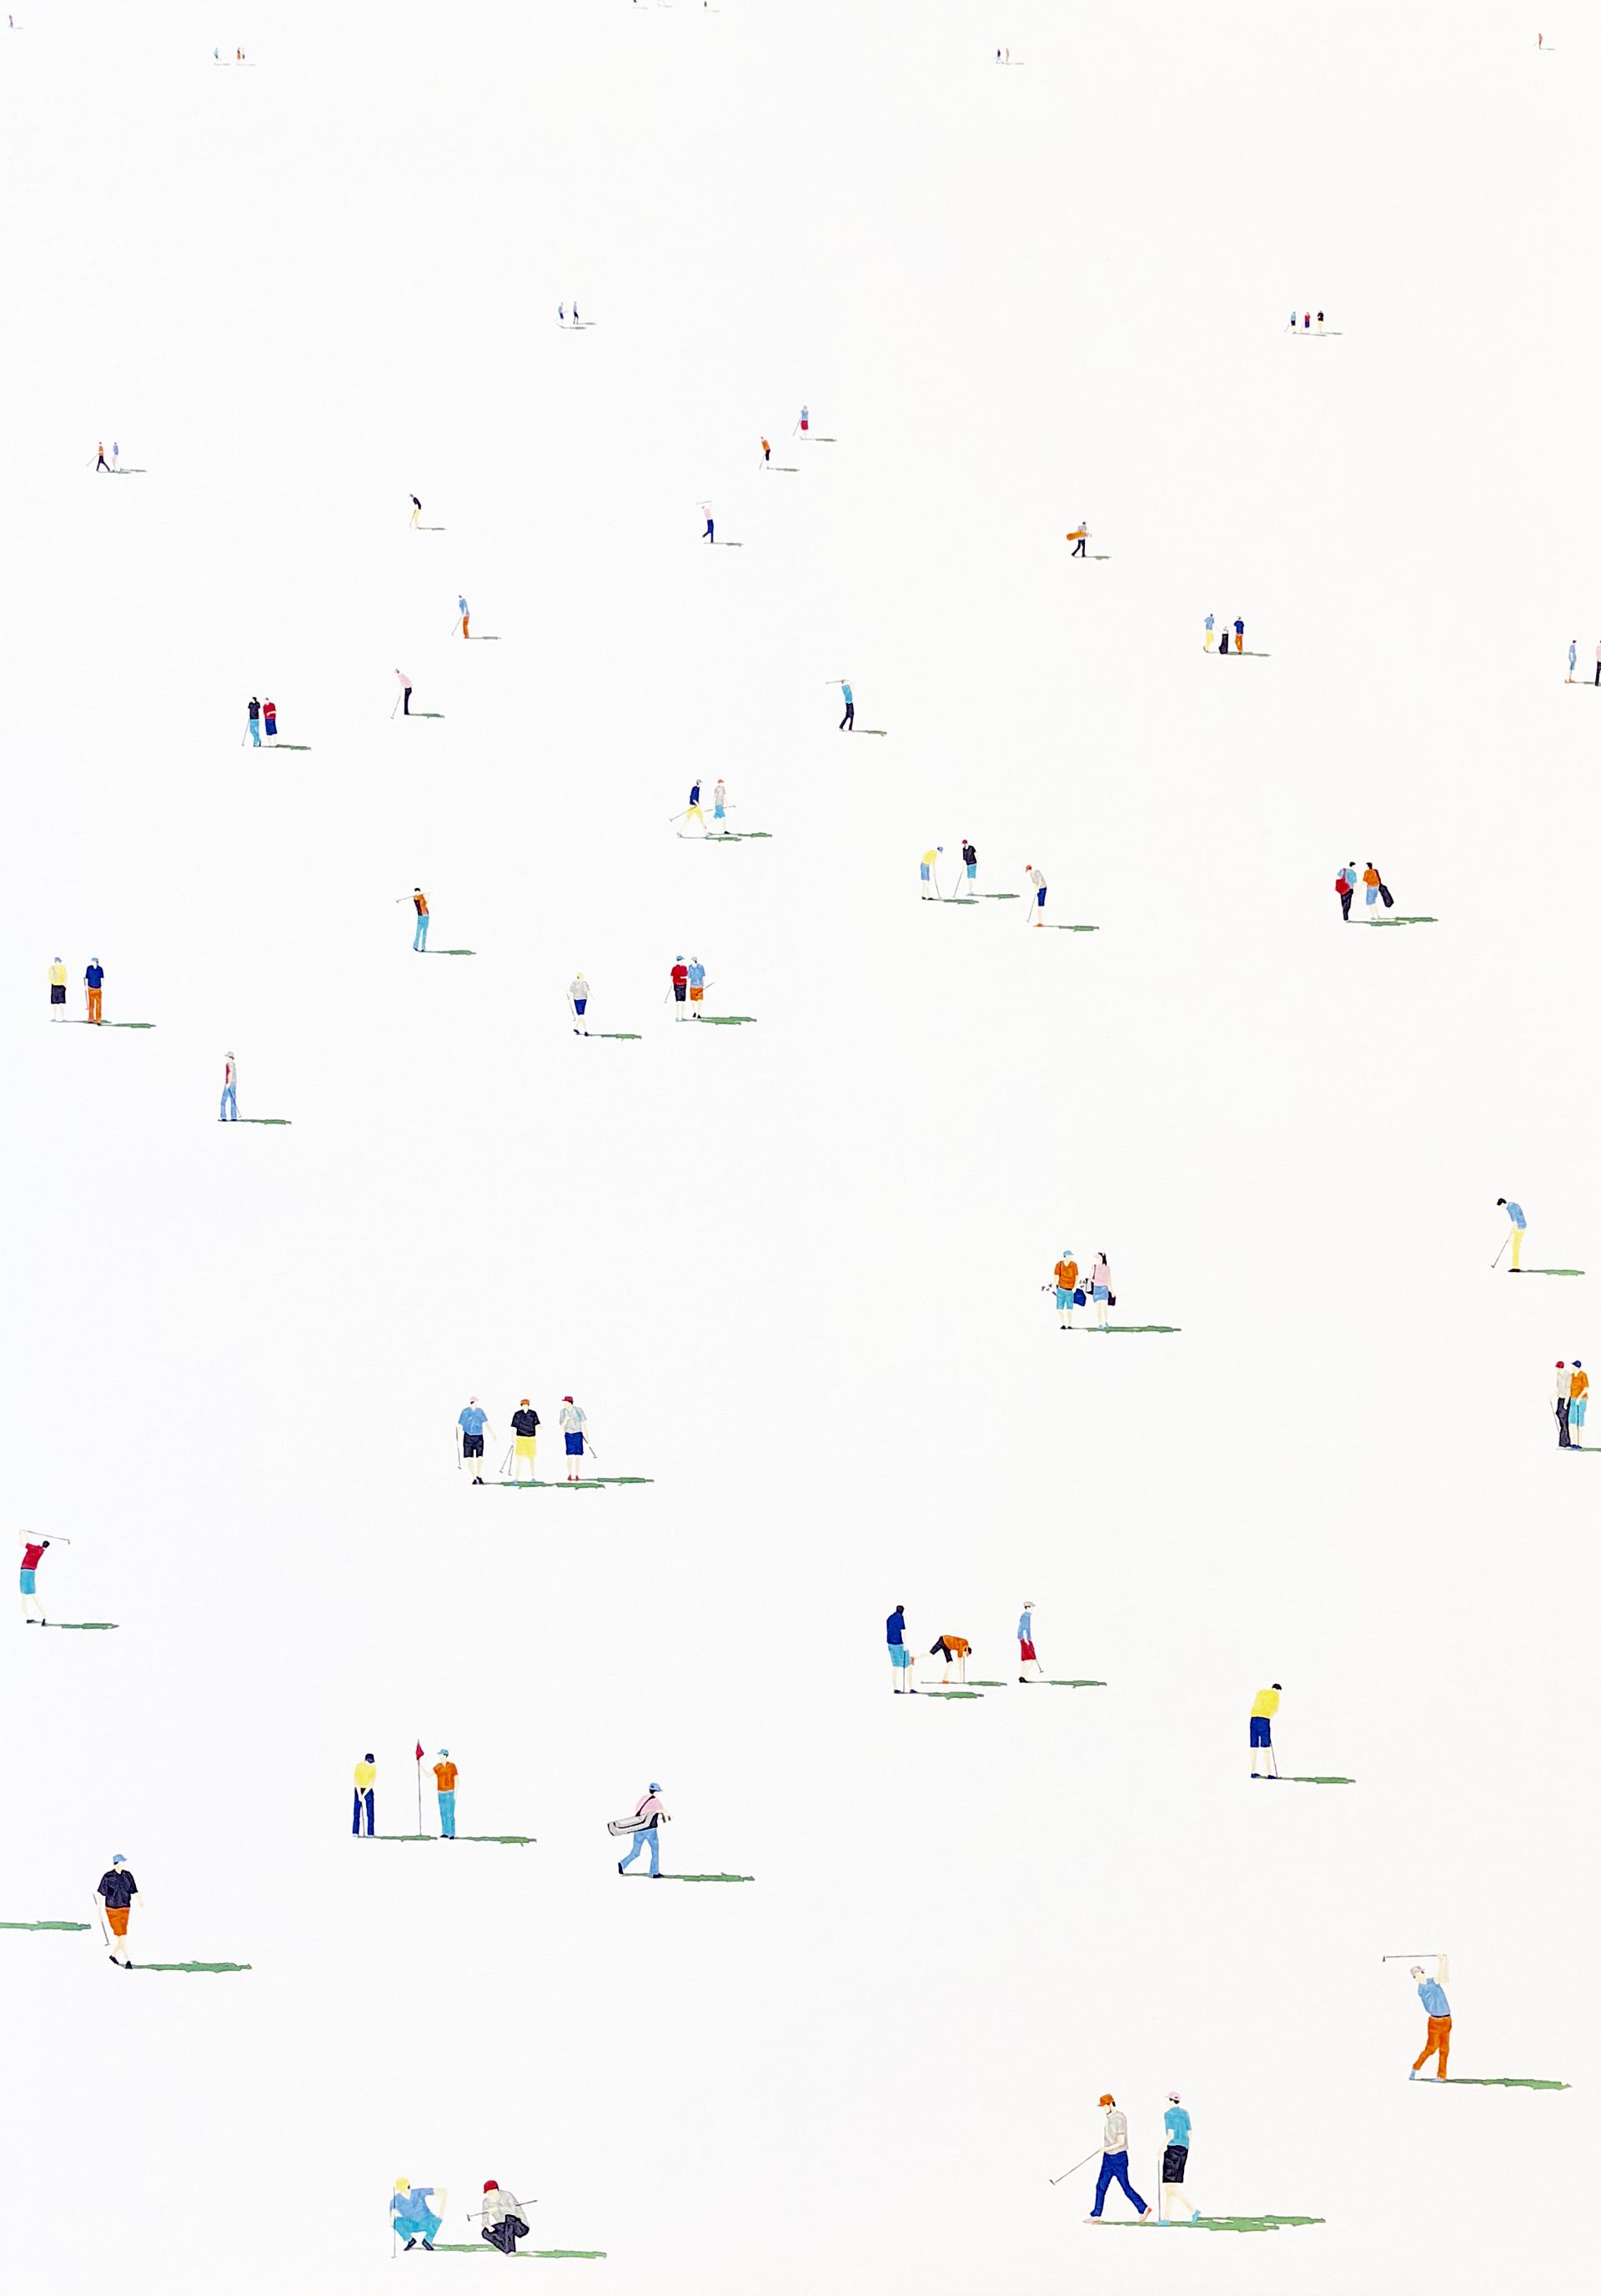 Golfers 06 by Stephanie Ho